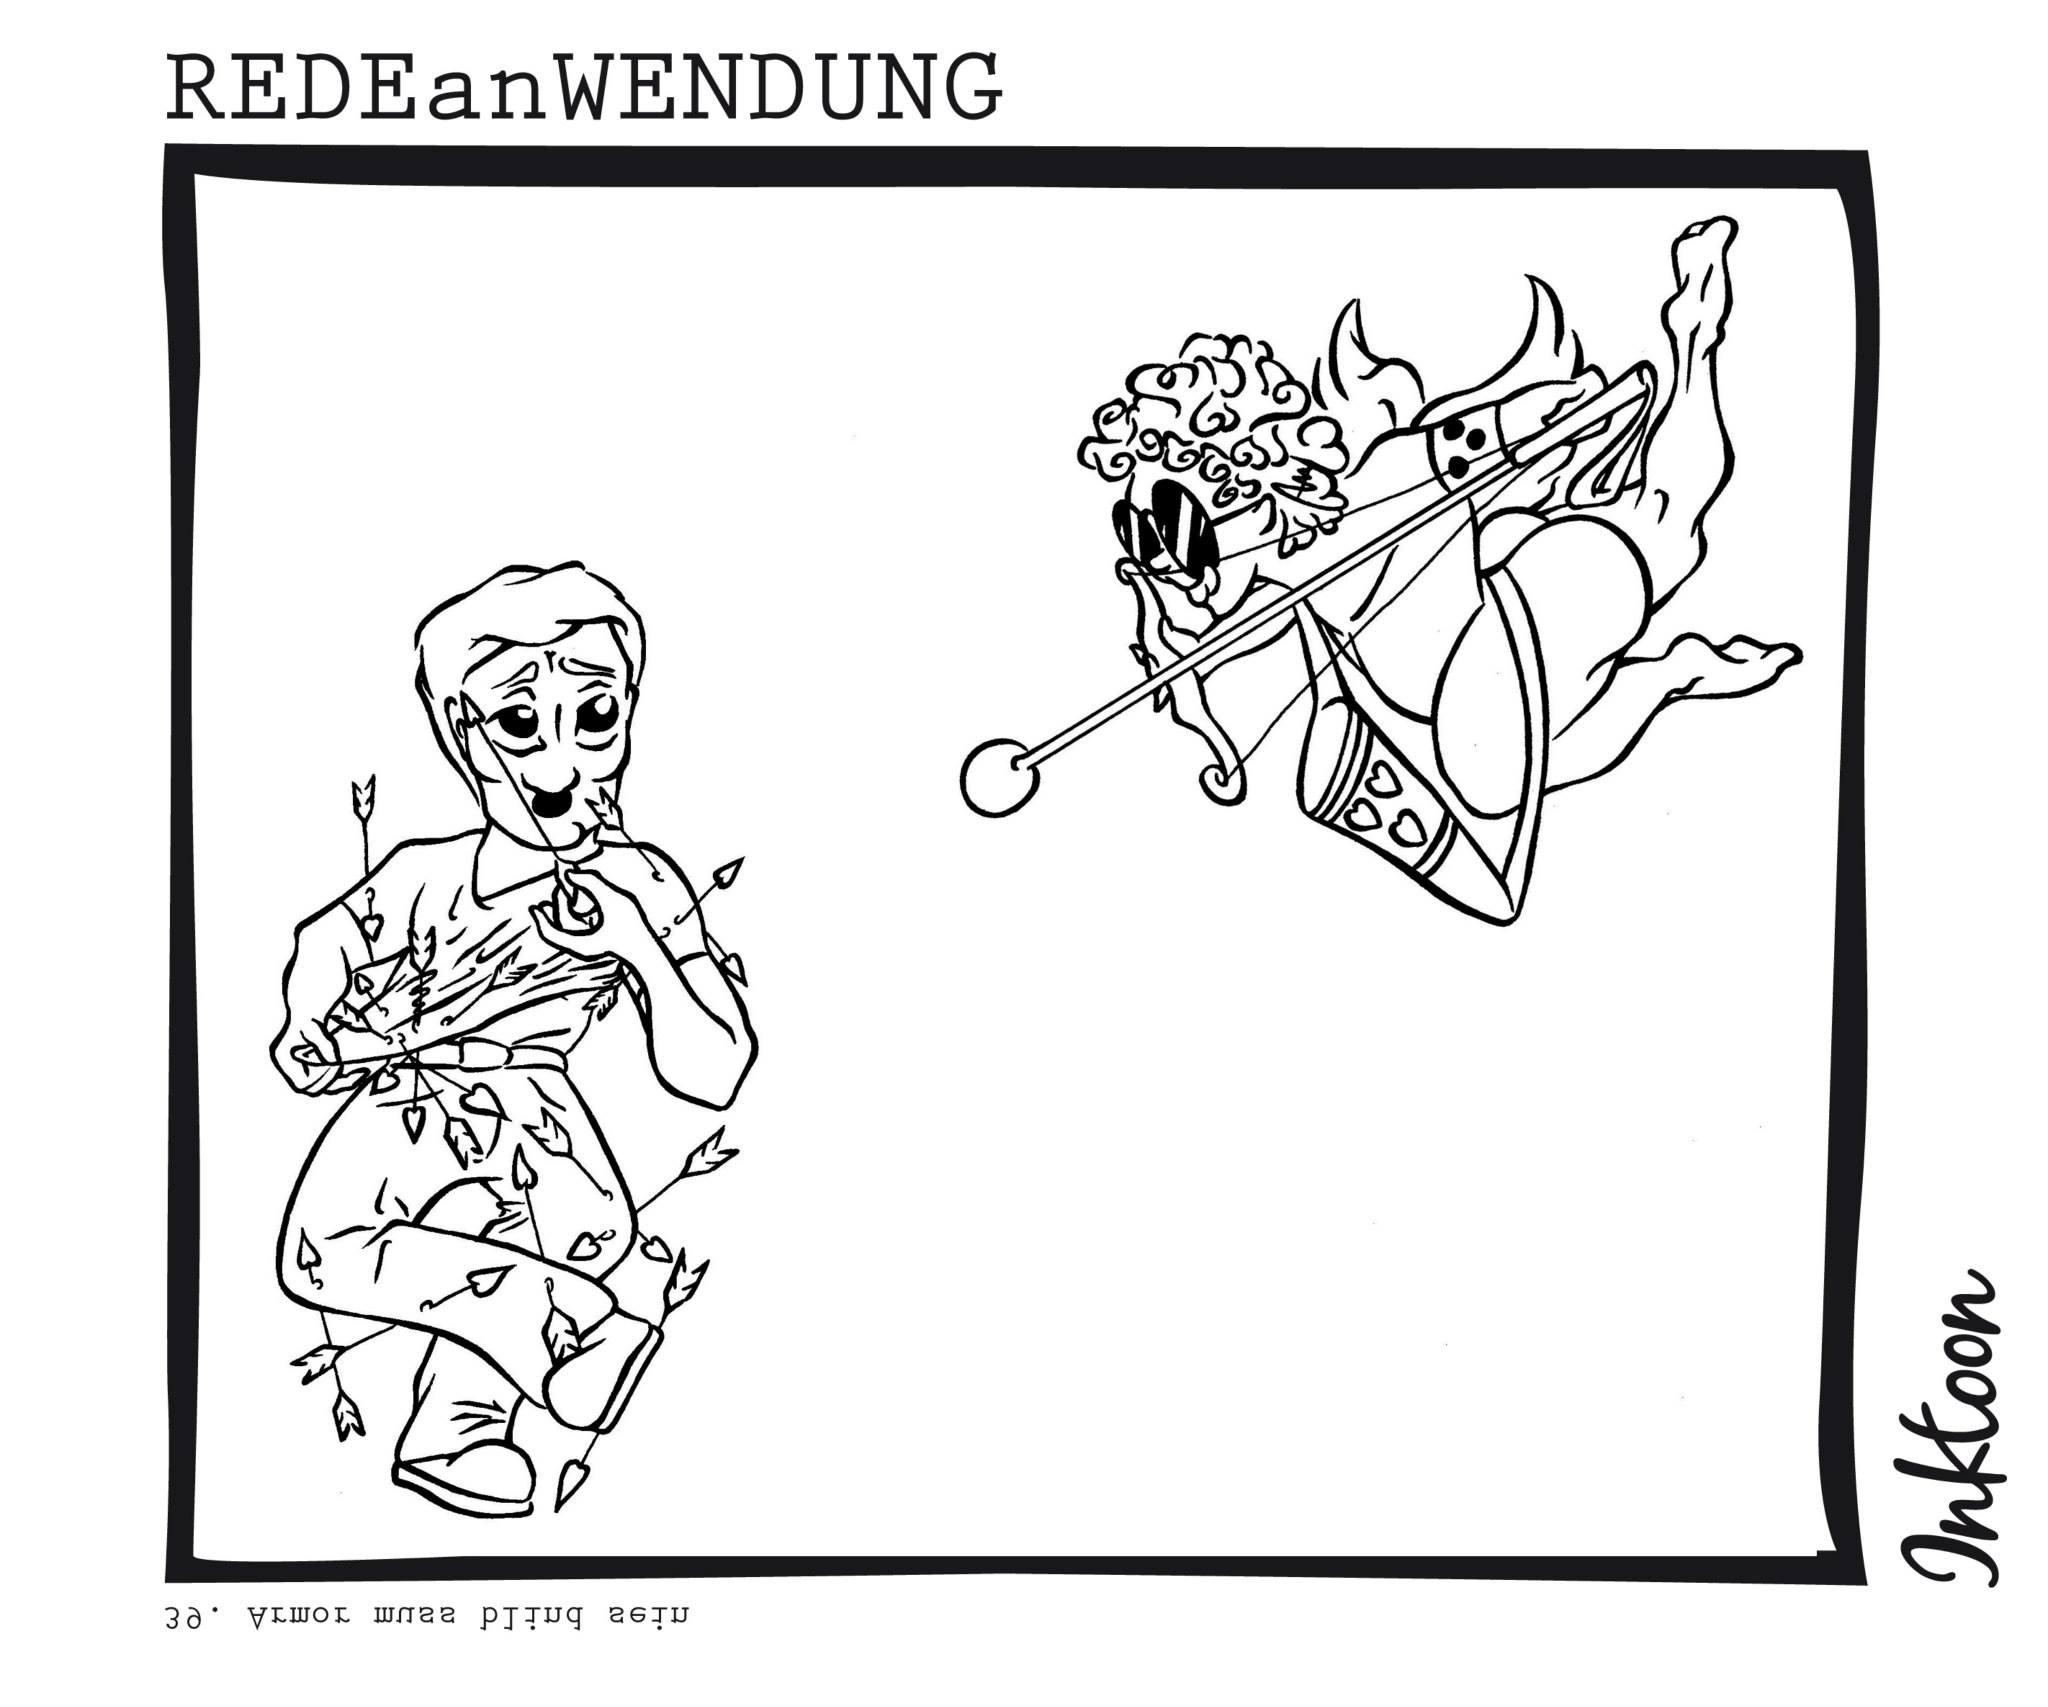 Armor muss blind sein Liebe Valentinstag heilig  Redewendung Redeanwendung Bilderrätsel toon inktoon Illustration Grafik Sprichwort Bild